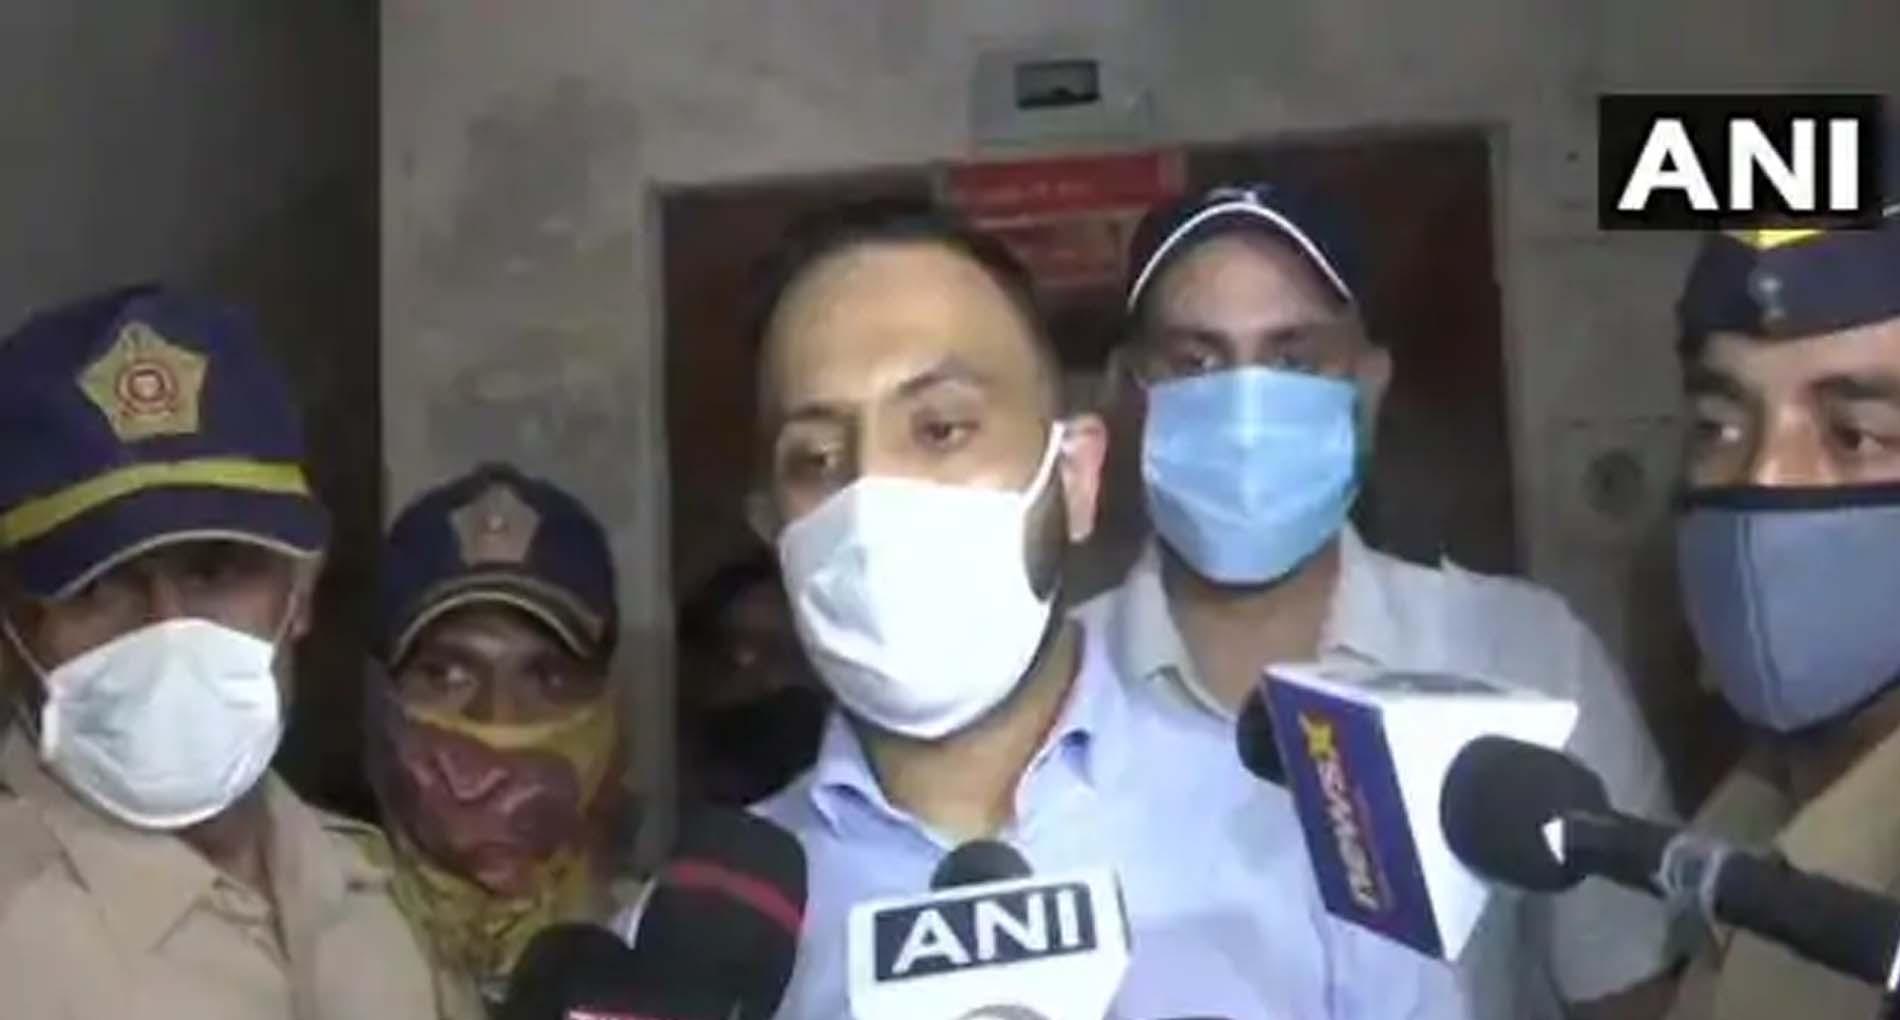 Sushant Case: सुशांत के स्टाफ दीपेश का कबूलनामा, कहा- रिया के इशारे पर घर आता था 'ड्रग्स'